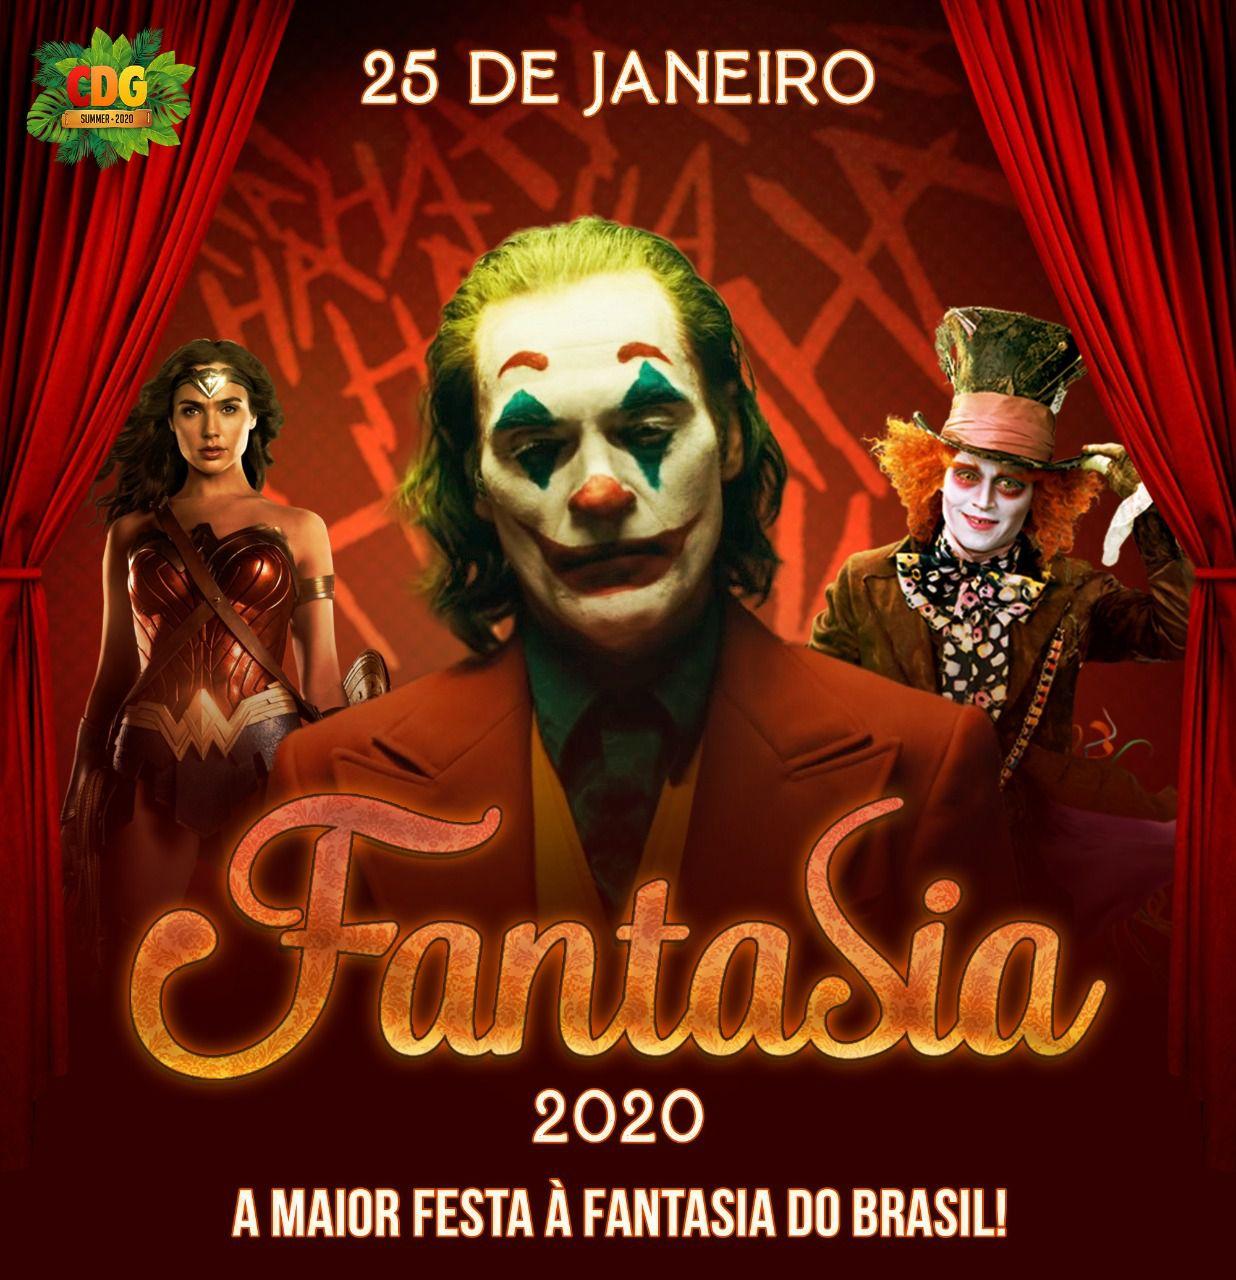 Festa A Fantasia - Cervejaria do Gordo - 25/01/20 - Lorena - SP